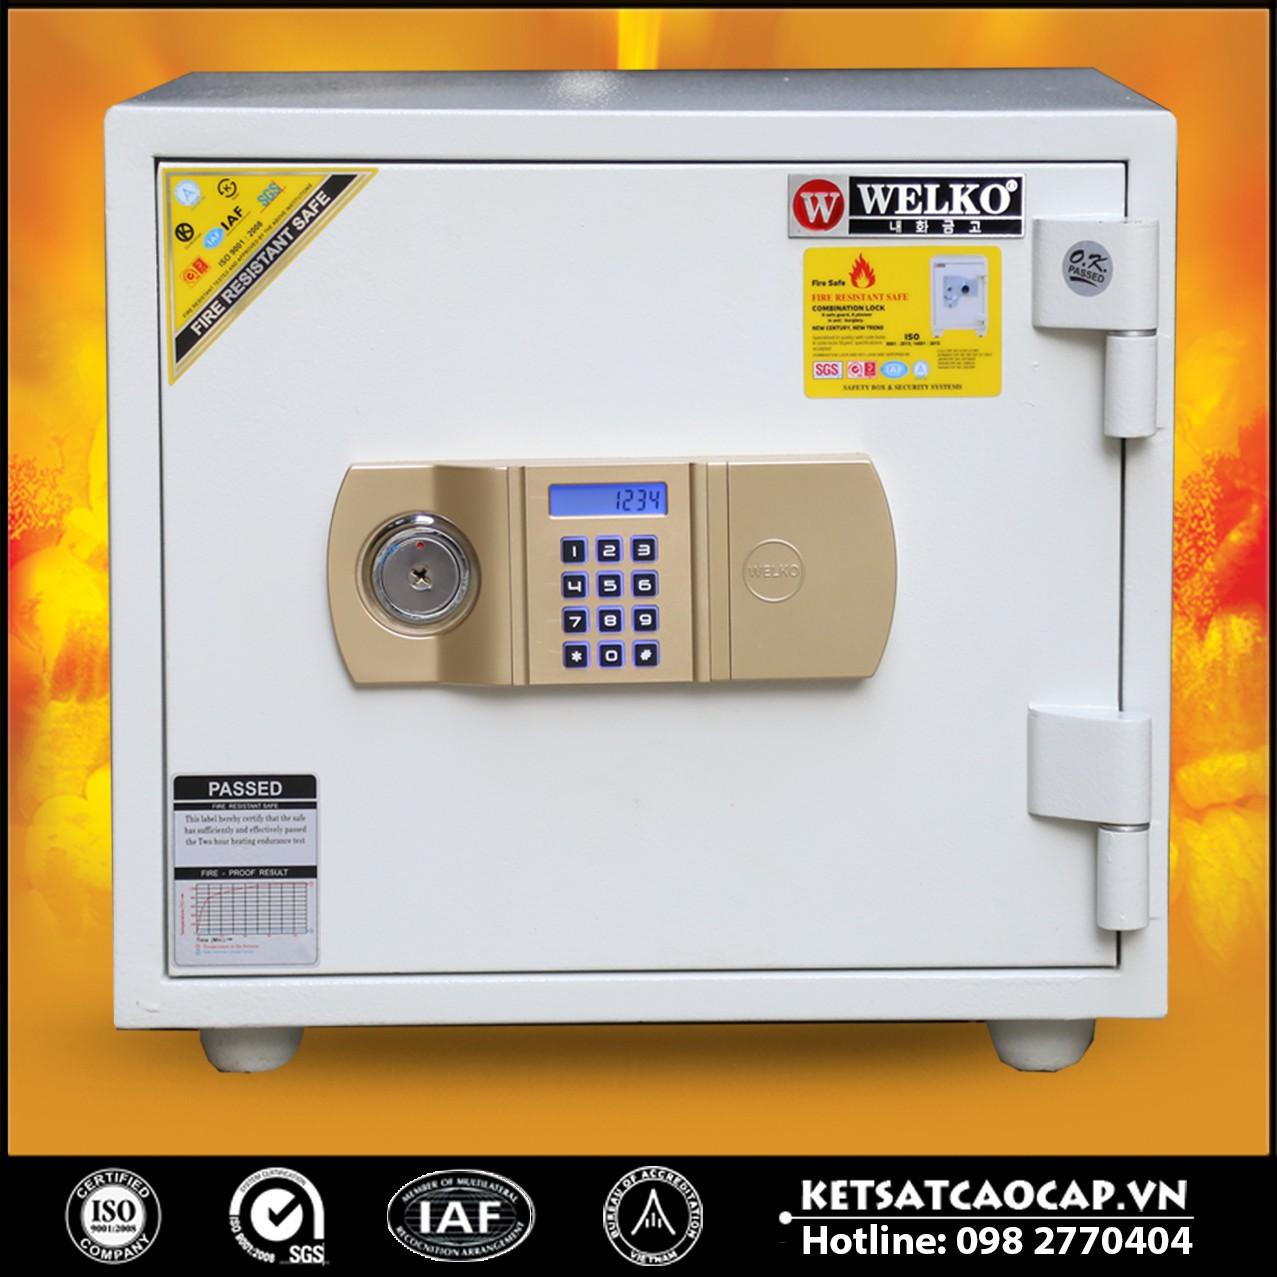 Két Sắt Thần Tài WELKO LX360 - E Gold